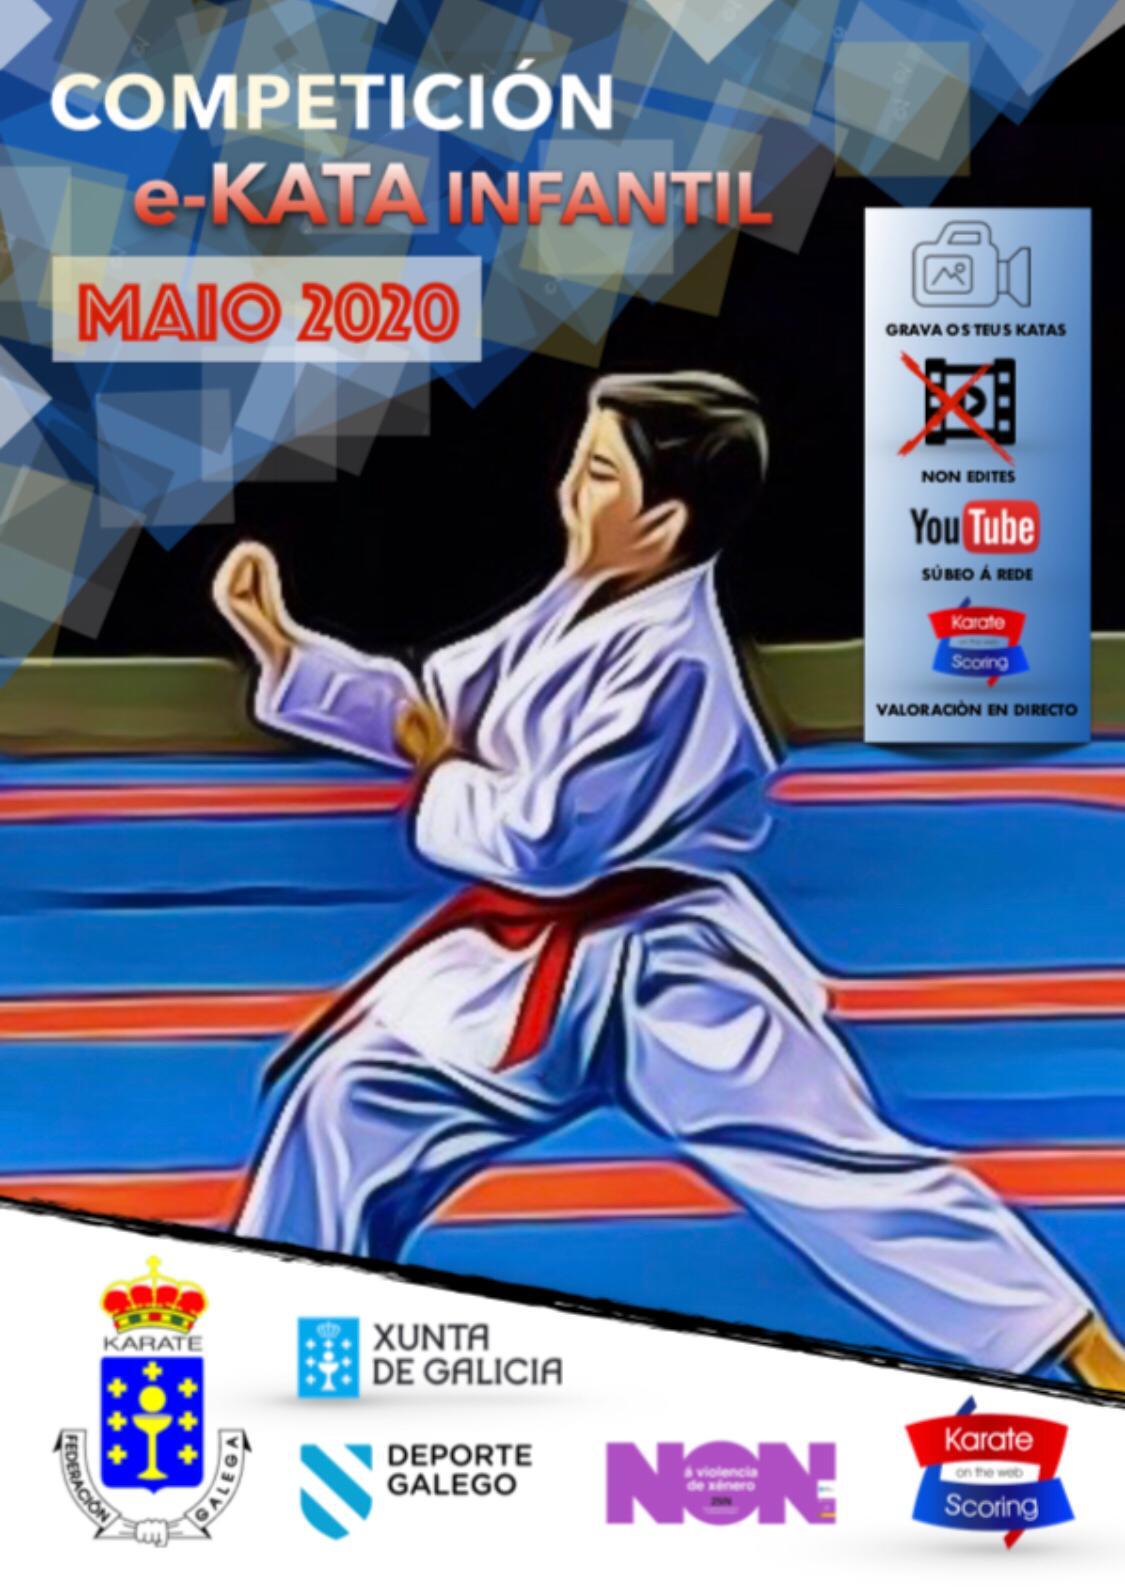 Competición e-Kata Infantil 2020